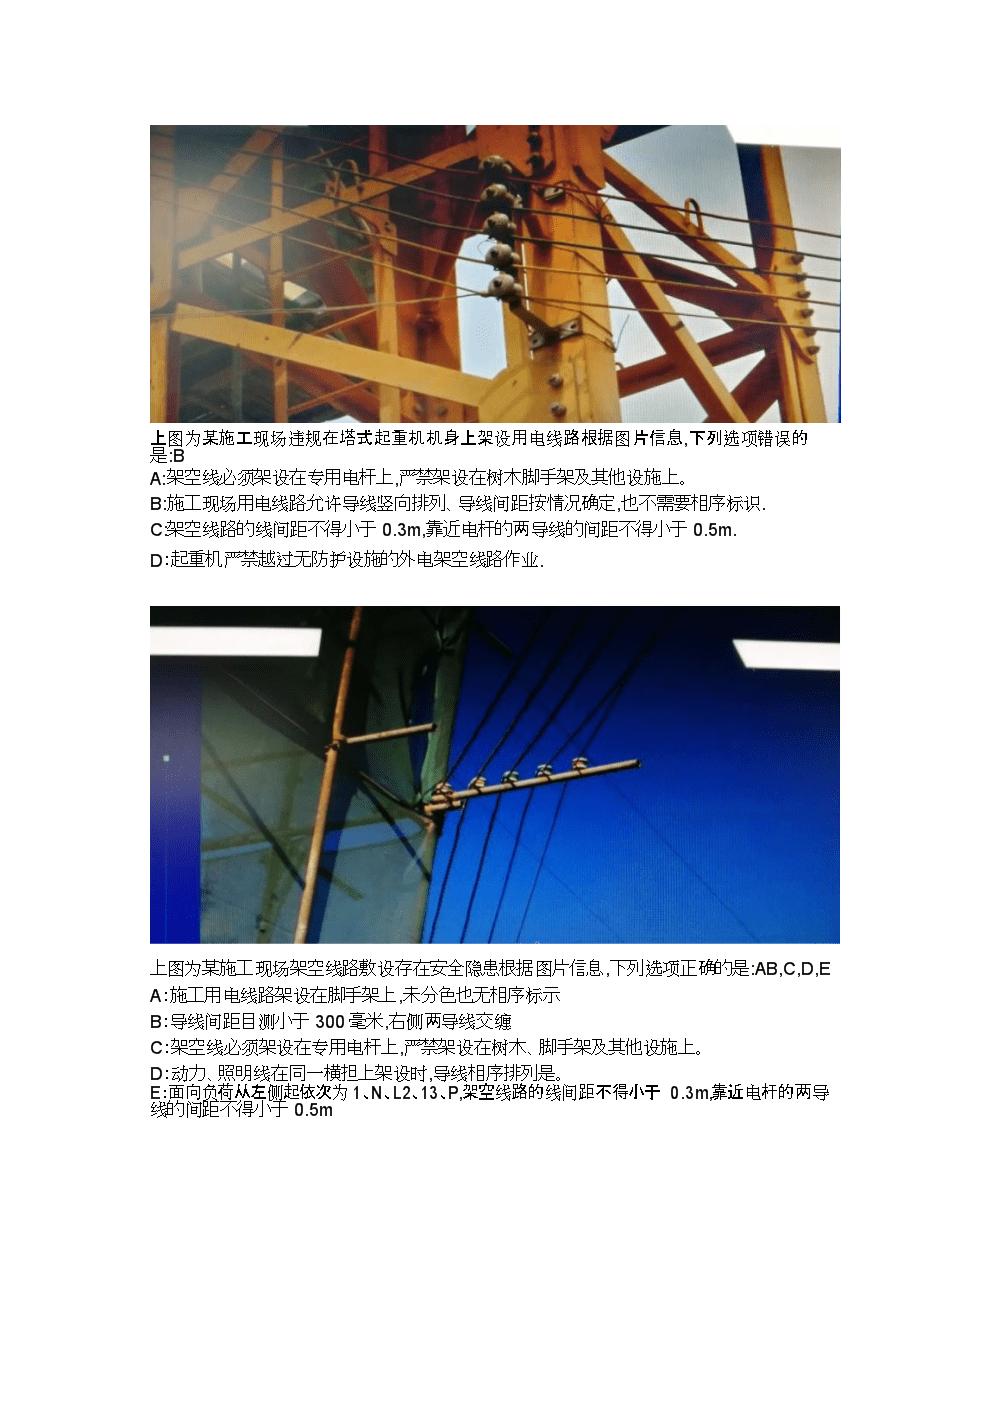 安全员C2题库 共计99题-converted.docx